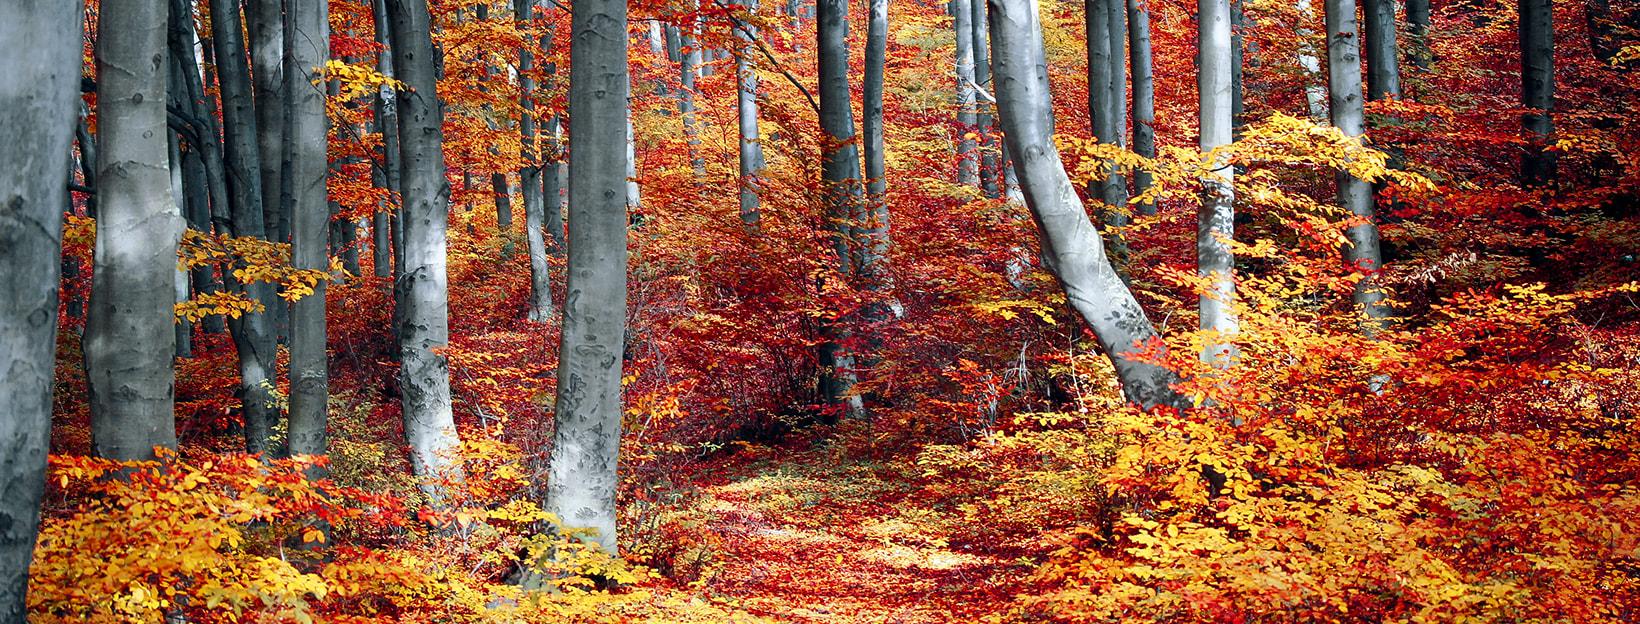 Herbst-Hintergrundbilder: Bunte Blätter im Herbstwald